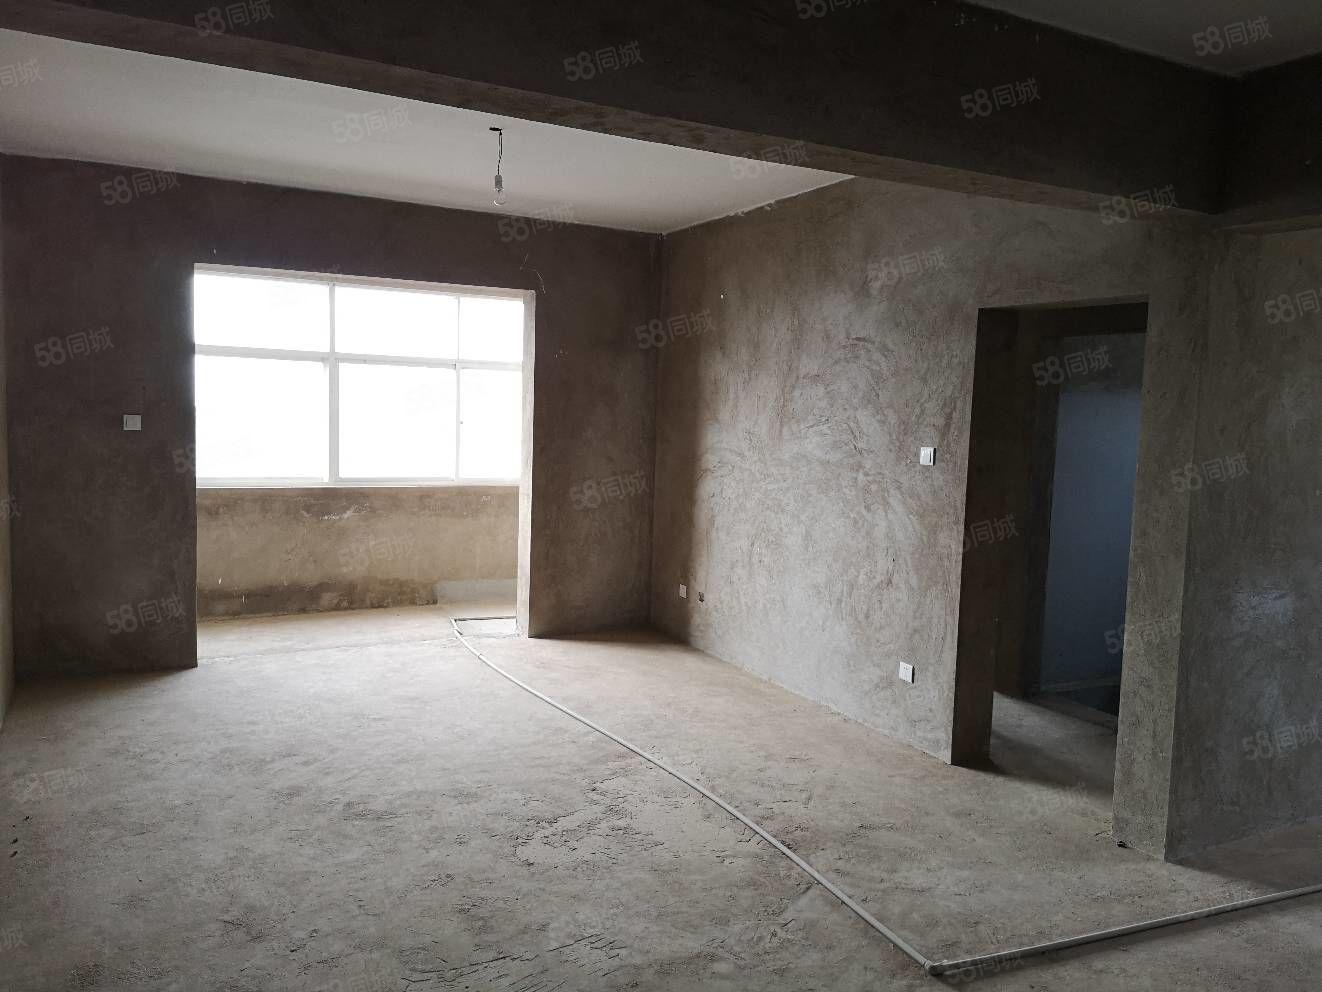 鹿城小学北浦中学学位珑曦苑满二免税房